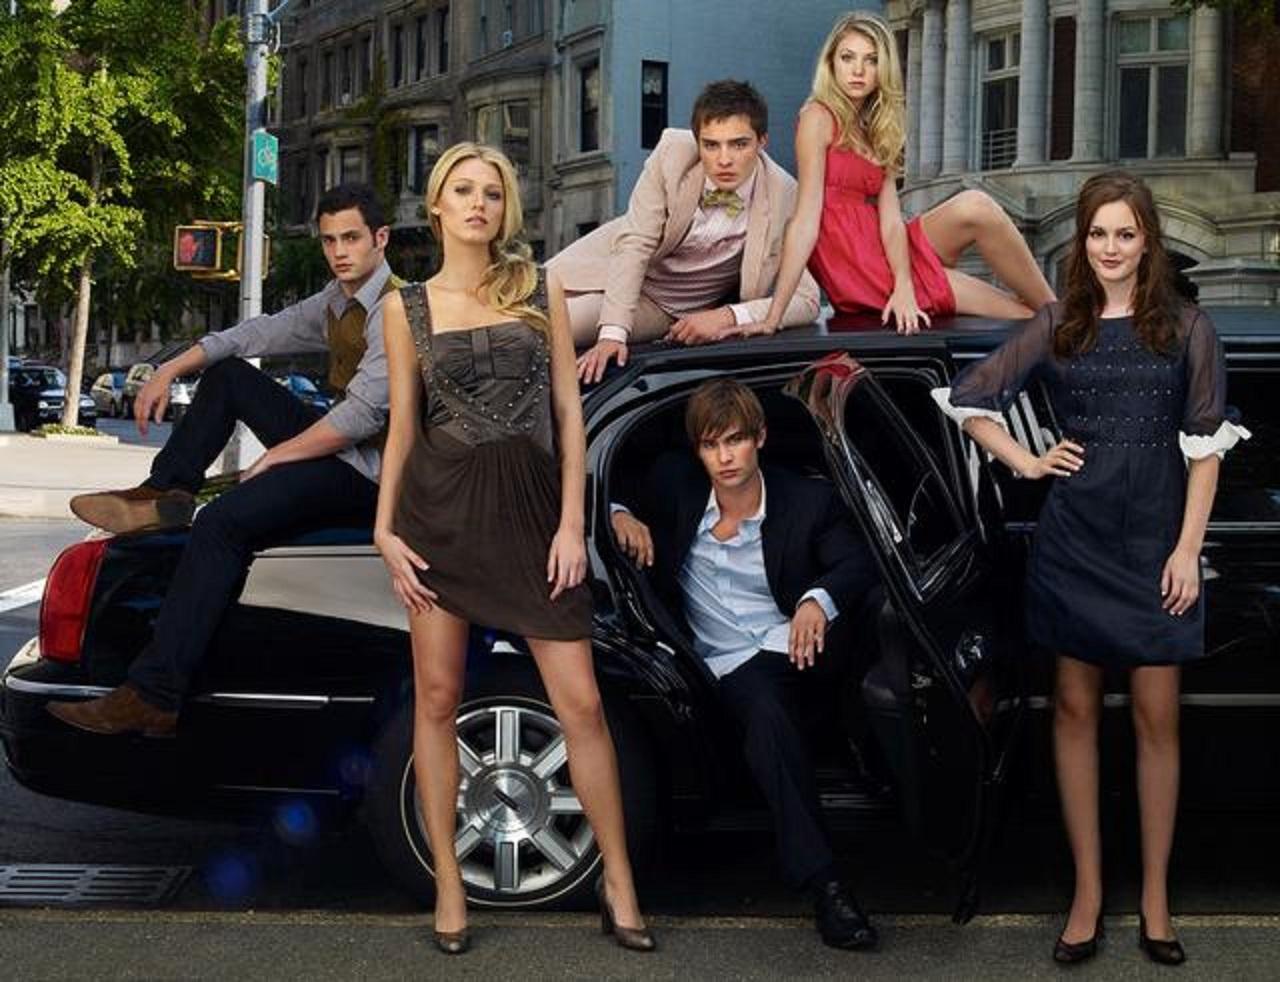 画像: 左から:ダン役のペン・バッジリー、セリーナ役のブレイク・ライヴリー、チャック役のエド・ウエストウィック(奥)、ネイト役のチェイス・クロフォード(手前)、ジェニー役のテイラー・モムセン(奥)、ブレア役のレイトン・ミースター。